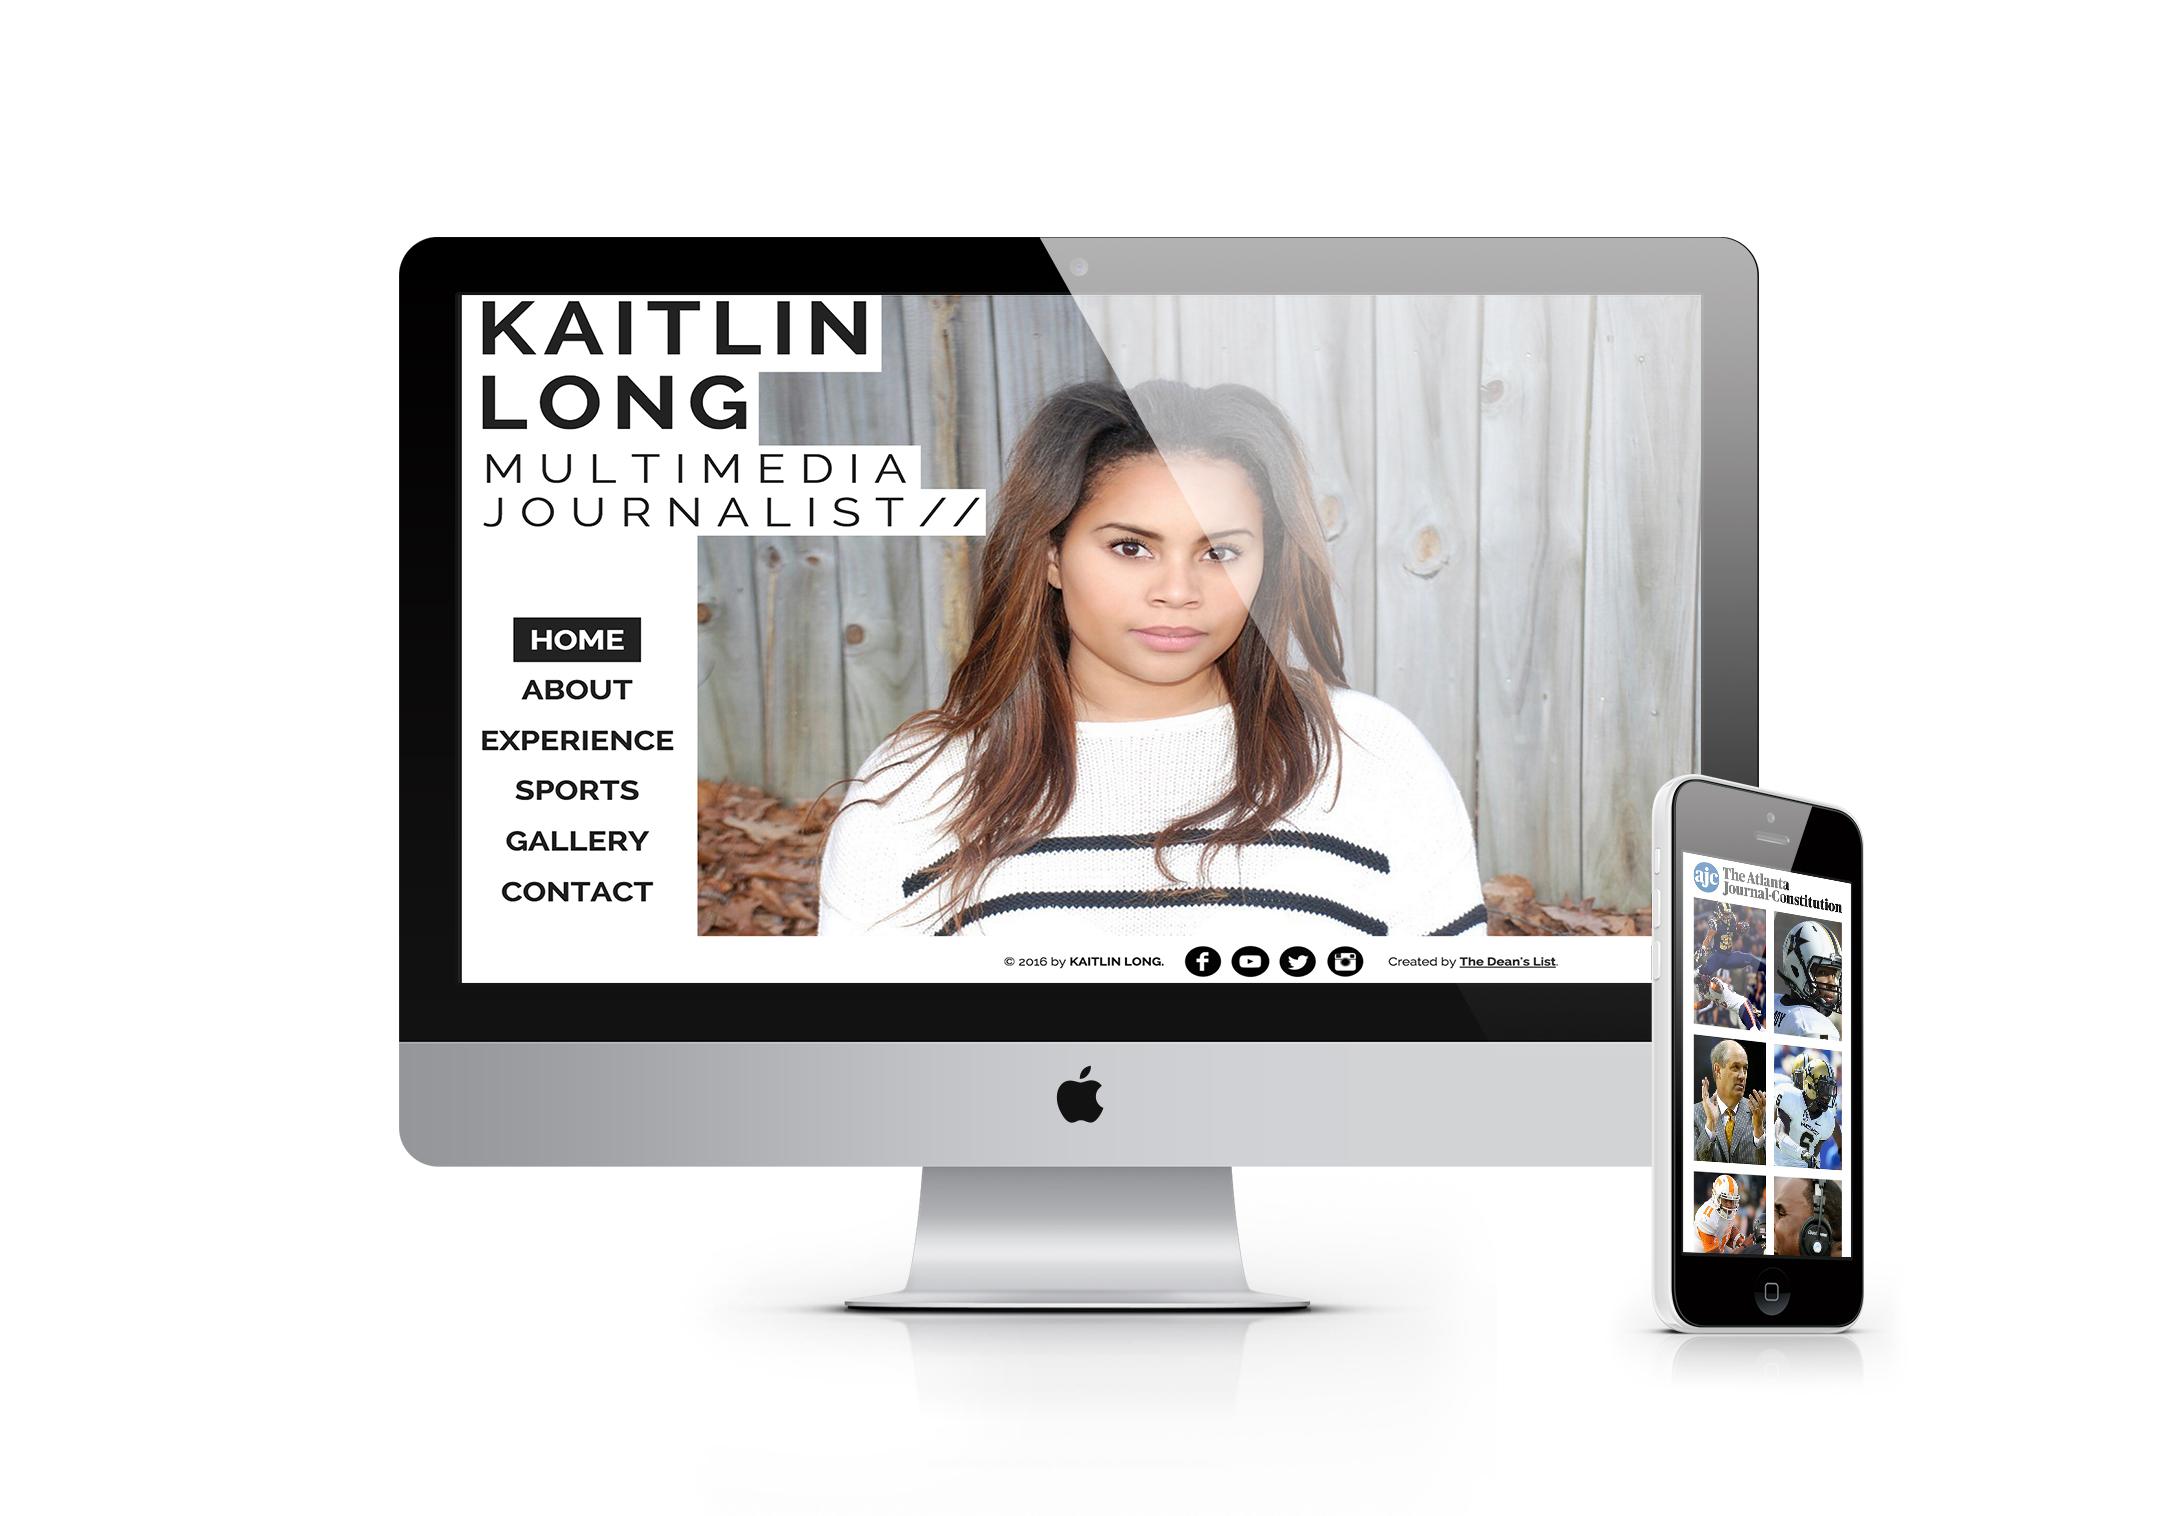 Kaitlin Long